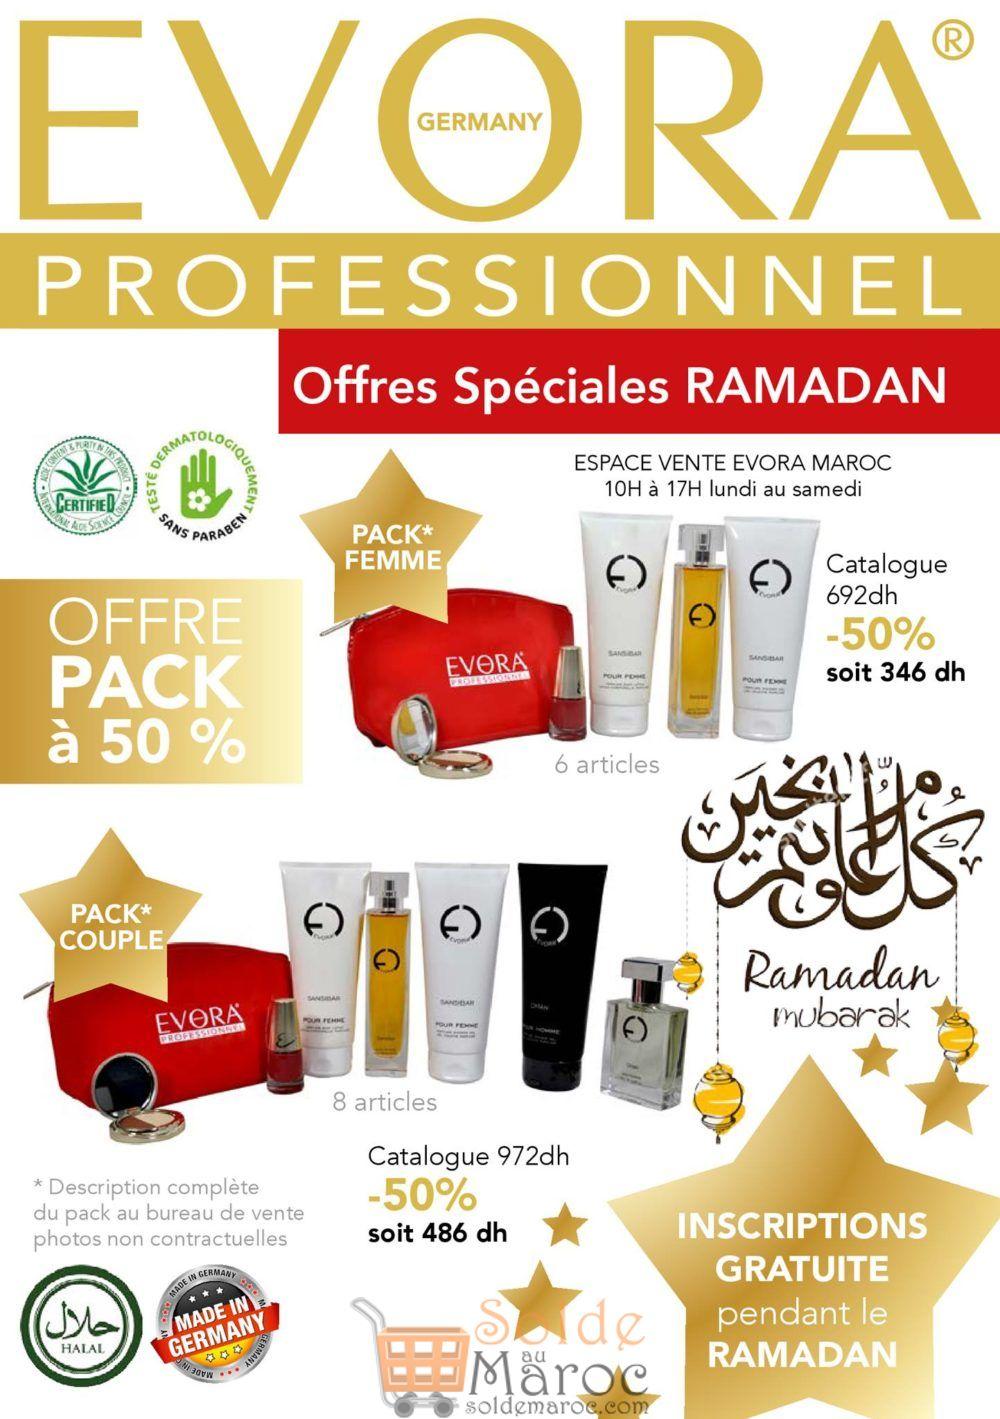 Offre Spéciale Ramadan Evora Maroc